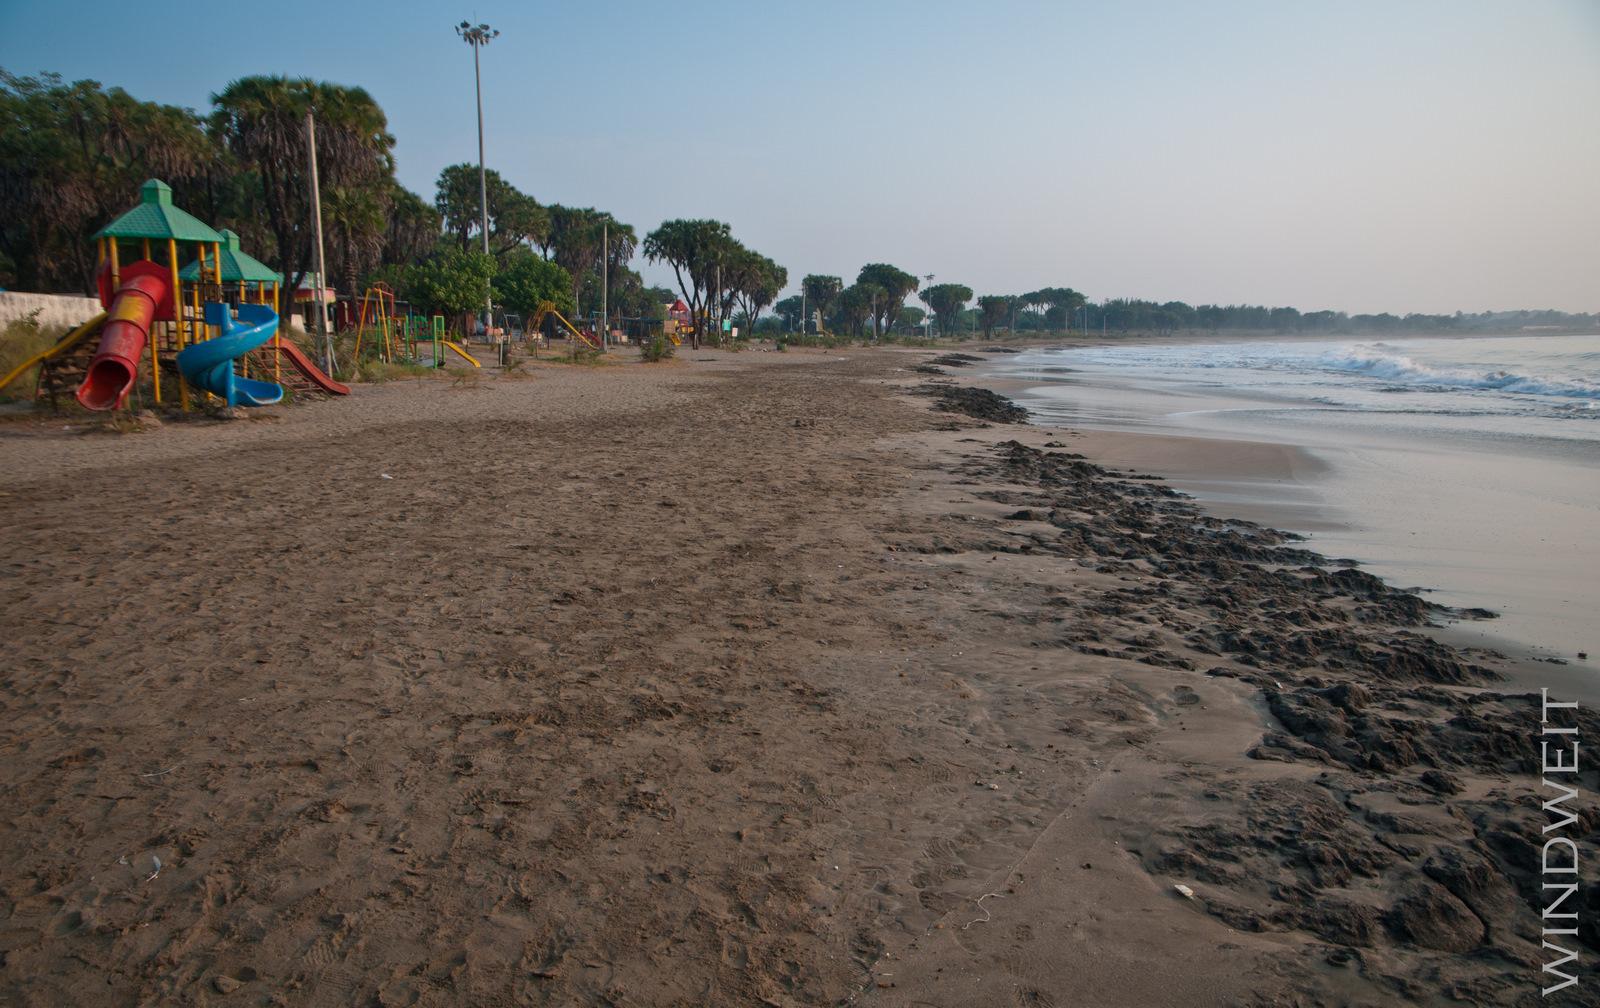 Der Strand von Diu am Morgen